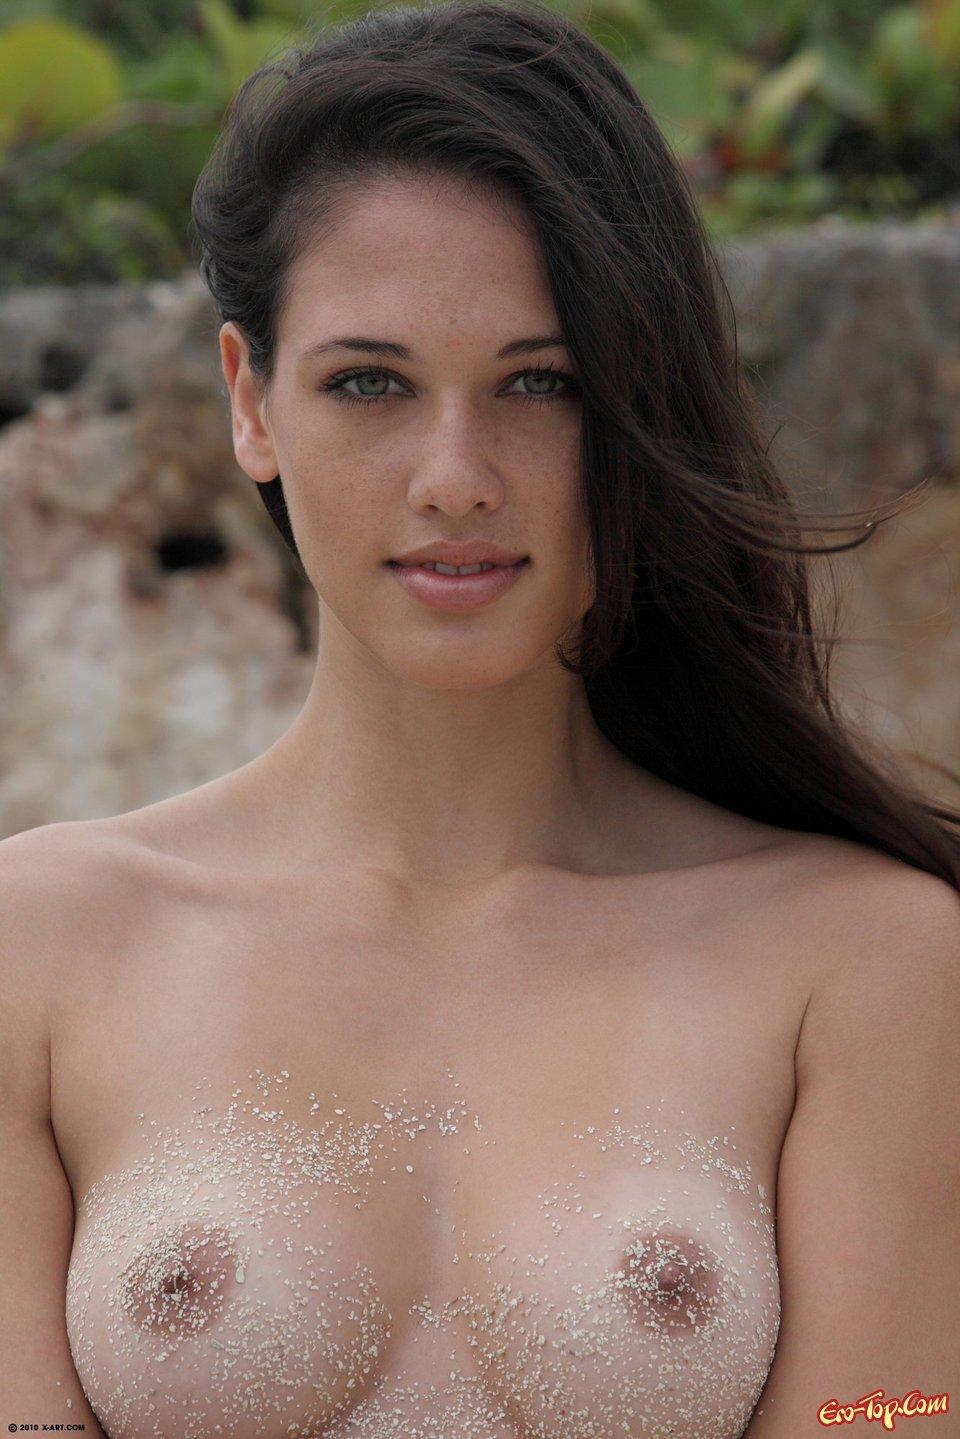 Обнаженная тёлка в песке секс фото